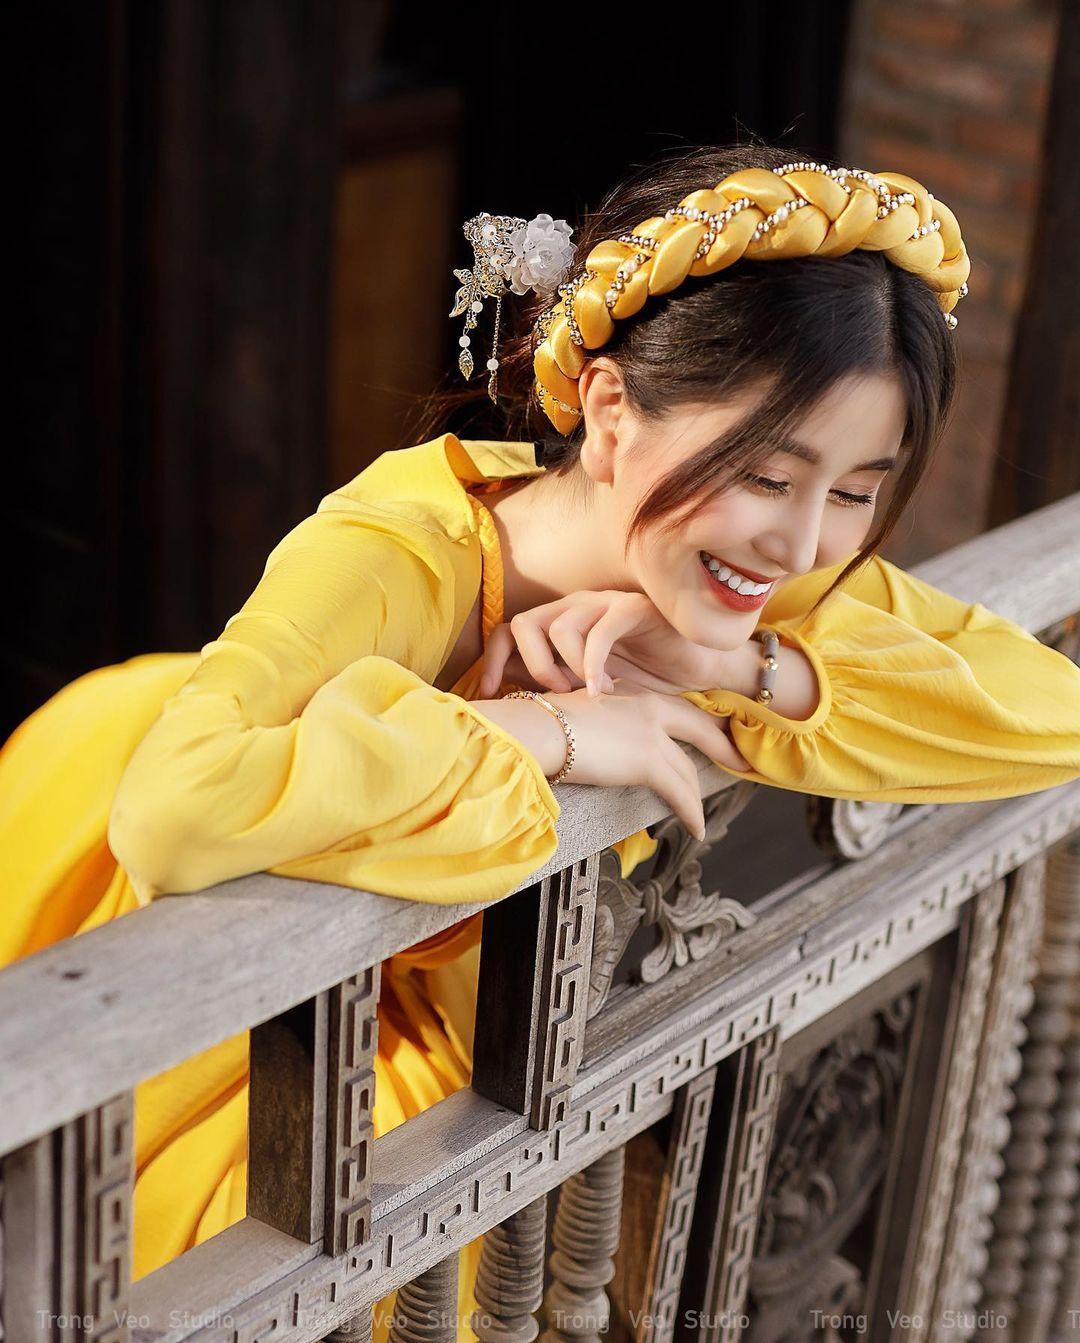 越南超人气网美「Chin」逆天身材看着就肾上激素上升~插图9